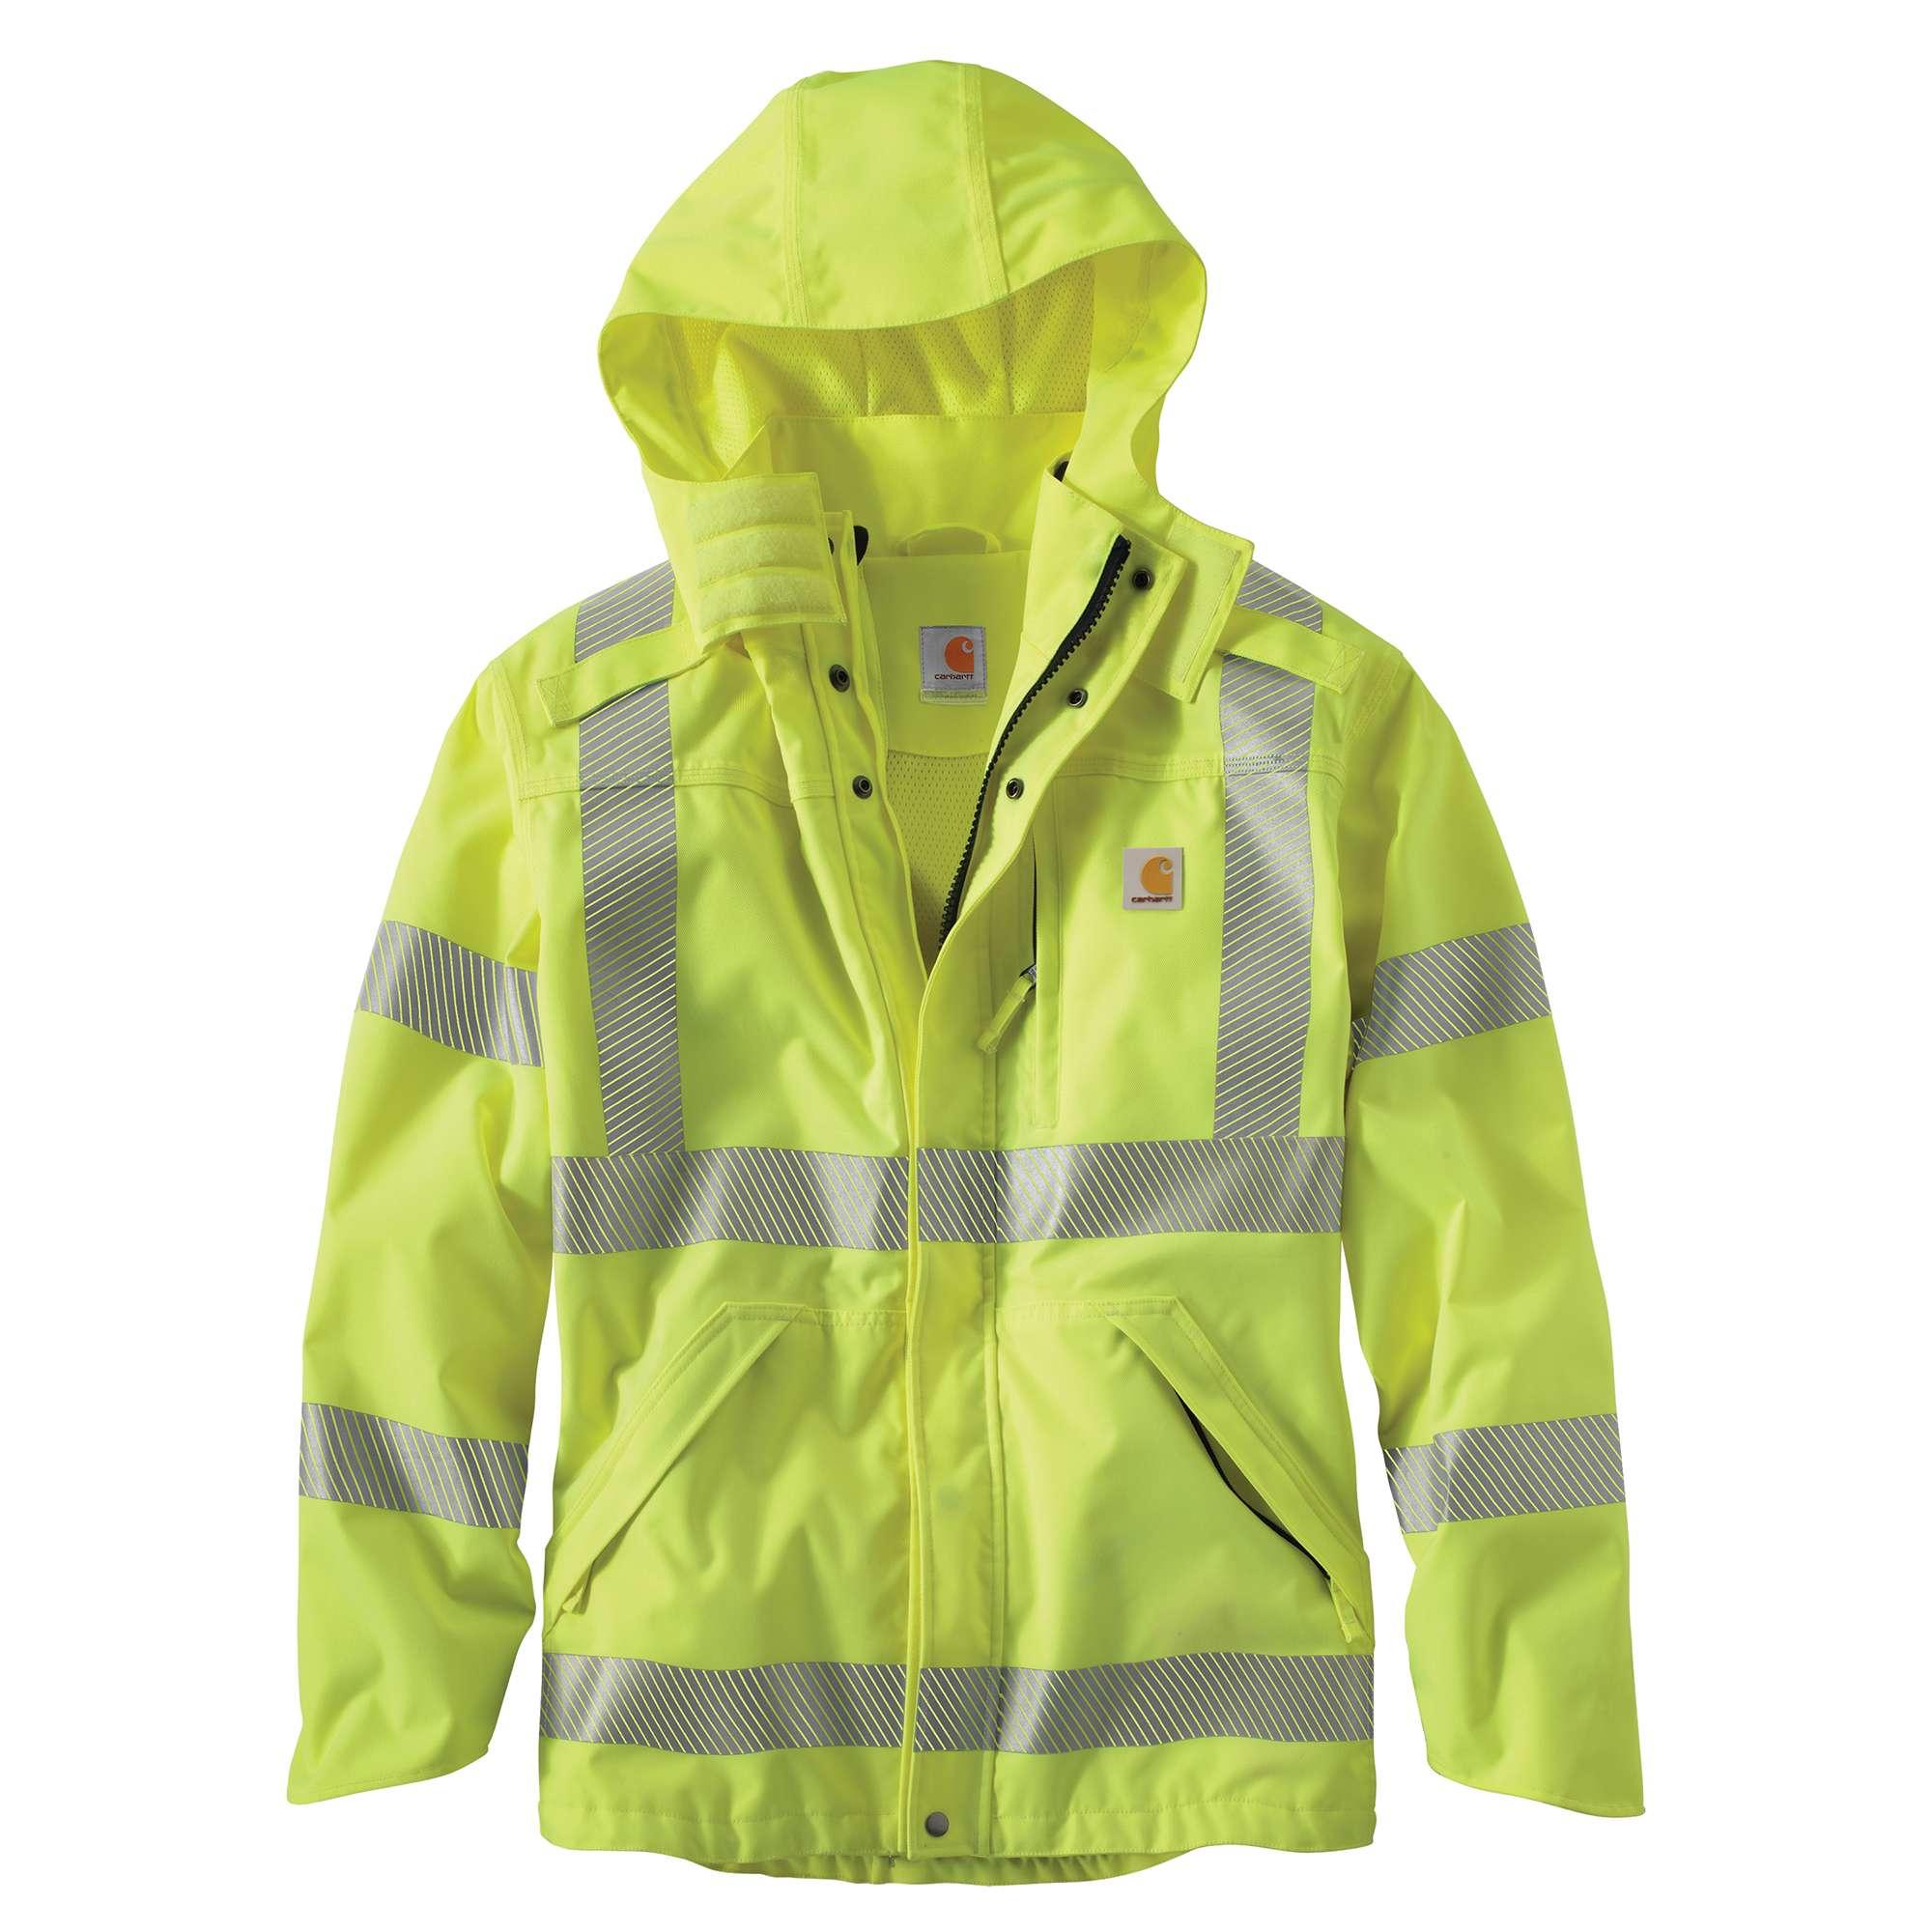 Carhartt High-Visibility Class 3 Waterproof Jacket